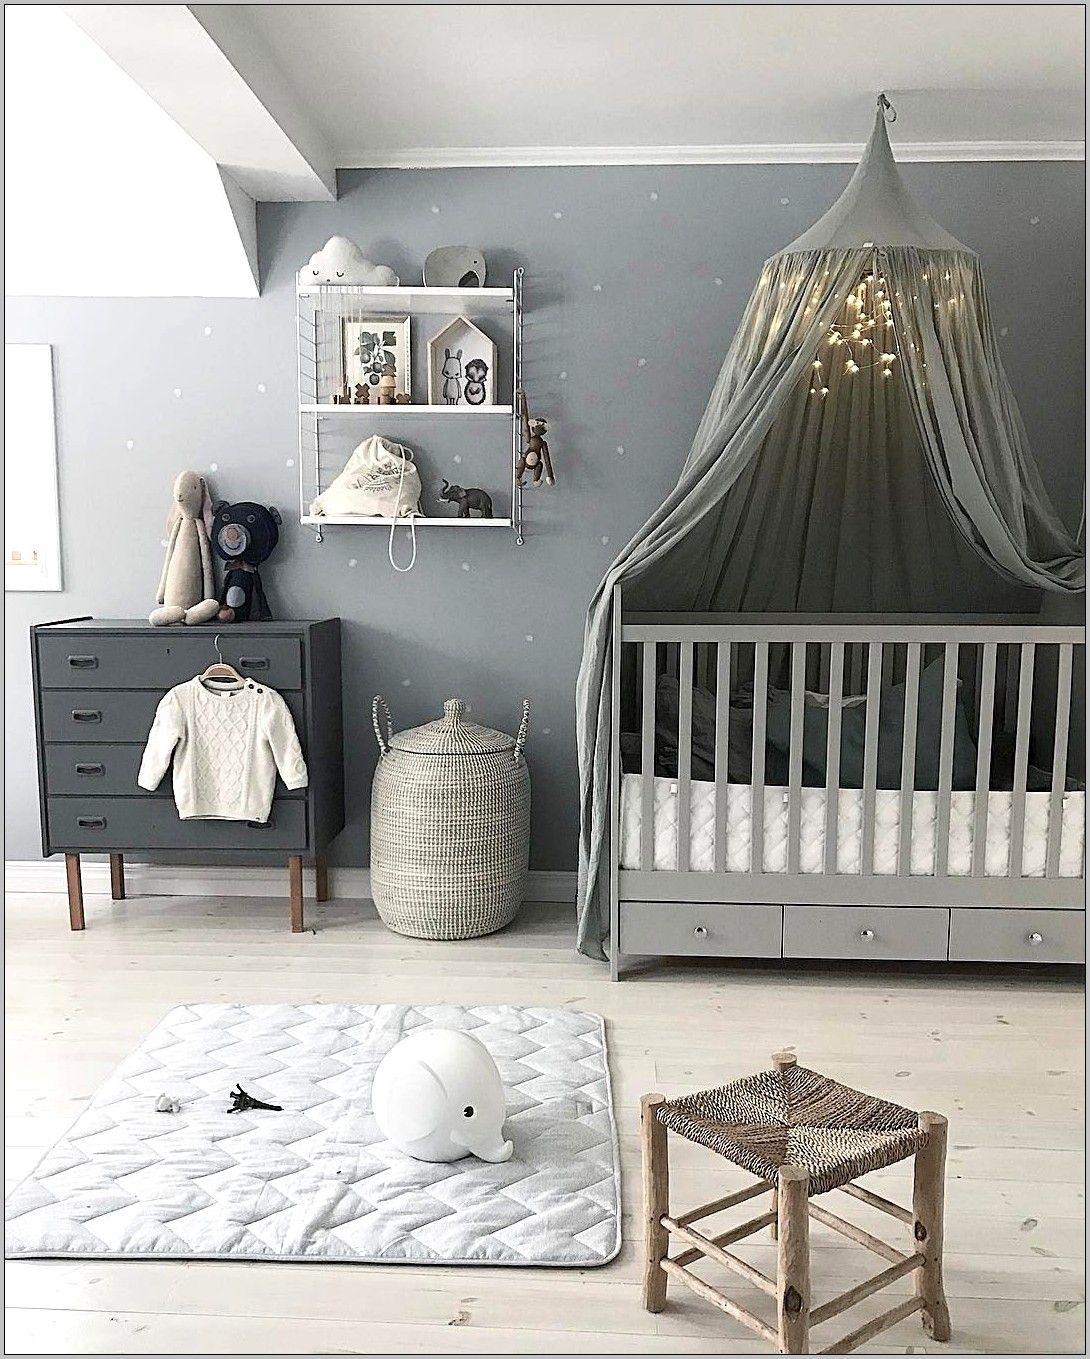 Chambre Deco Bebe Garcon Ton Gris In 2020 Unisex Baby Room